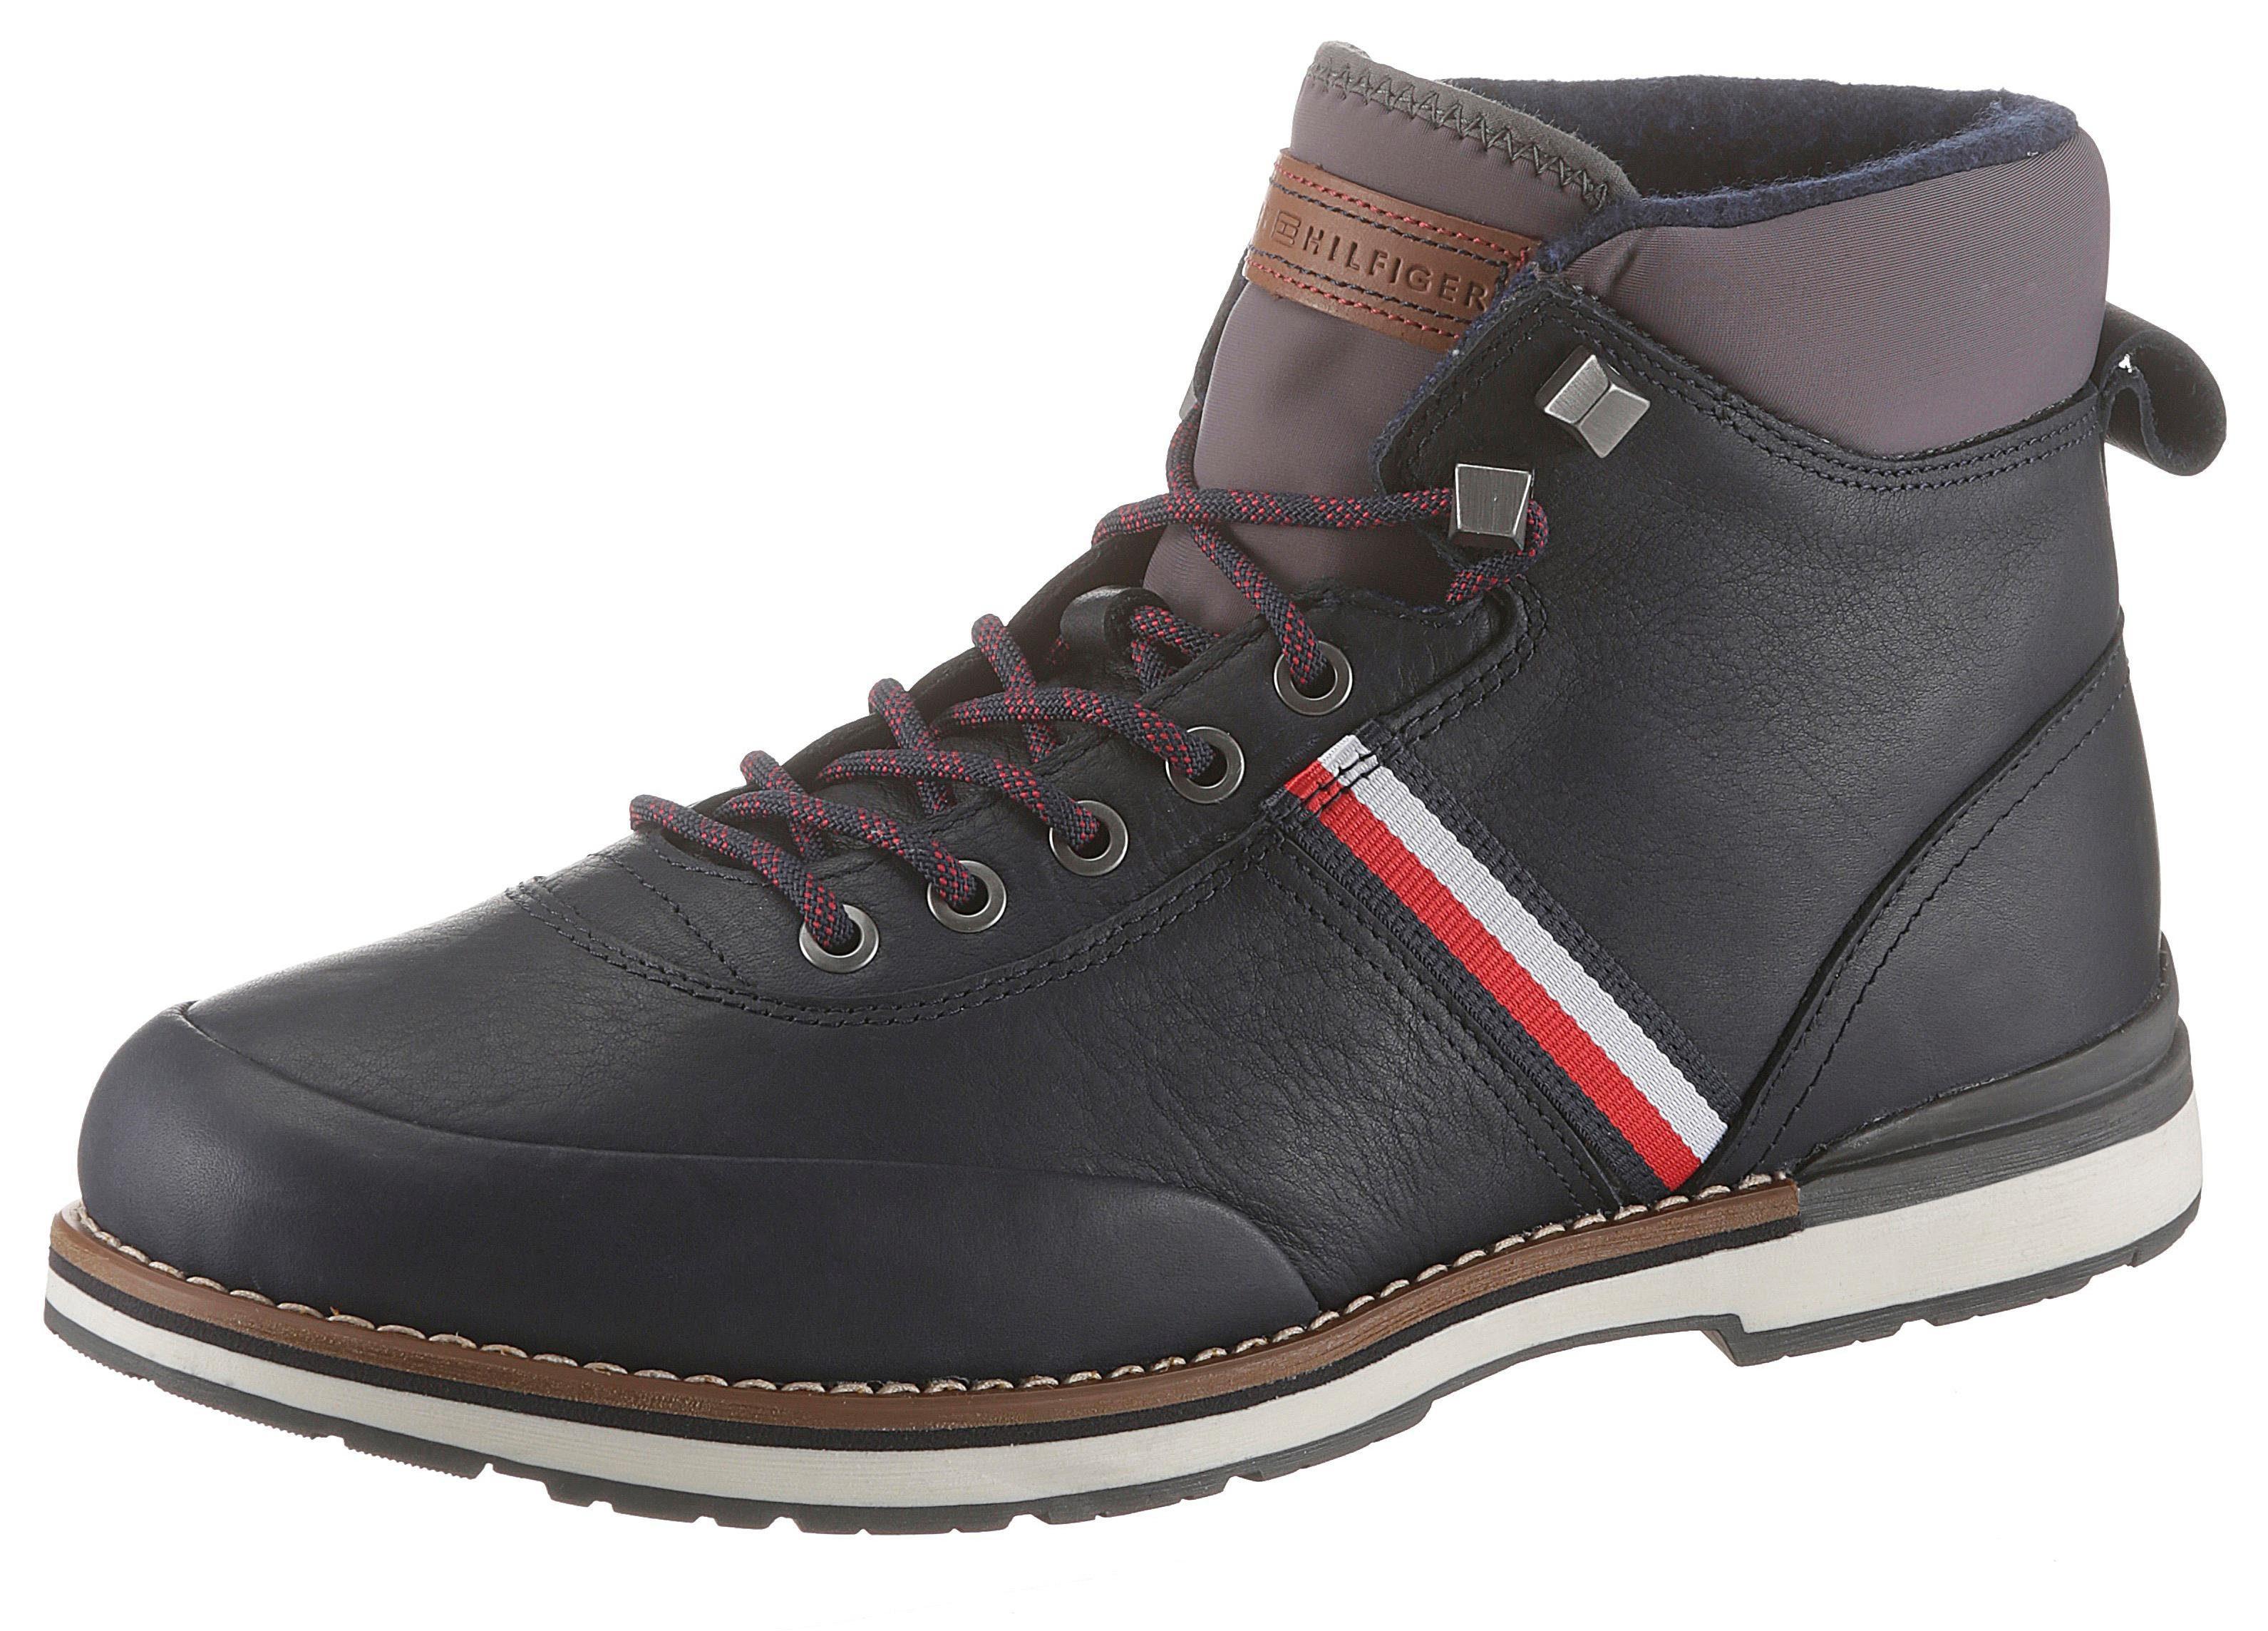 Socken A Schuhe tragbar f/ür Hosen Handt/ücher 6 St/ück f/ür M/äntel und Stiefel Chiic Kleiderb/ügel aus Metall